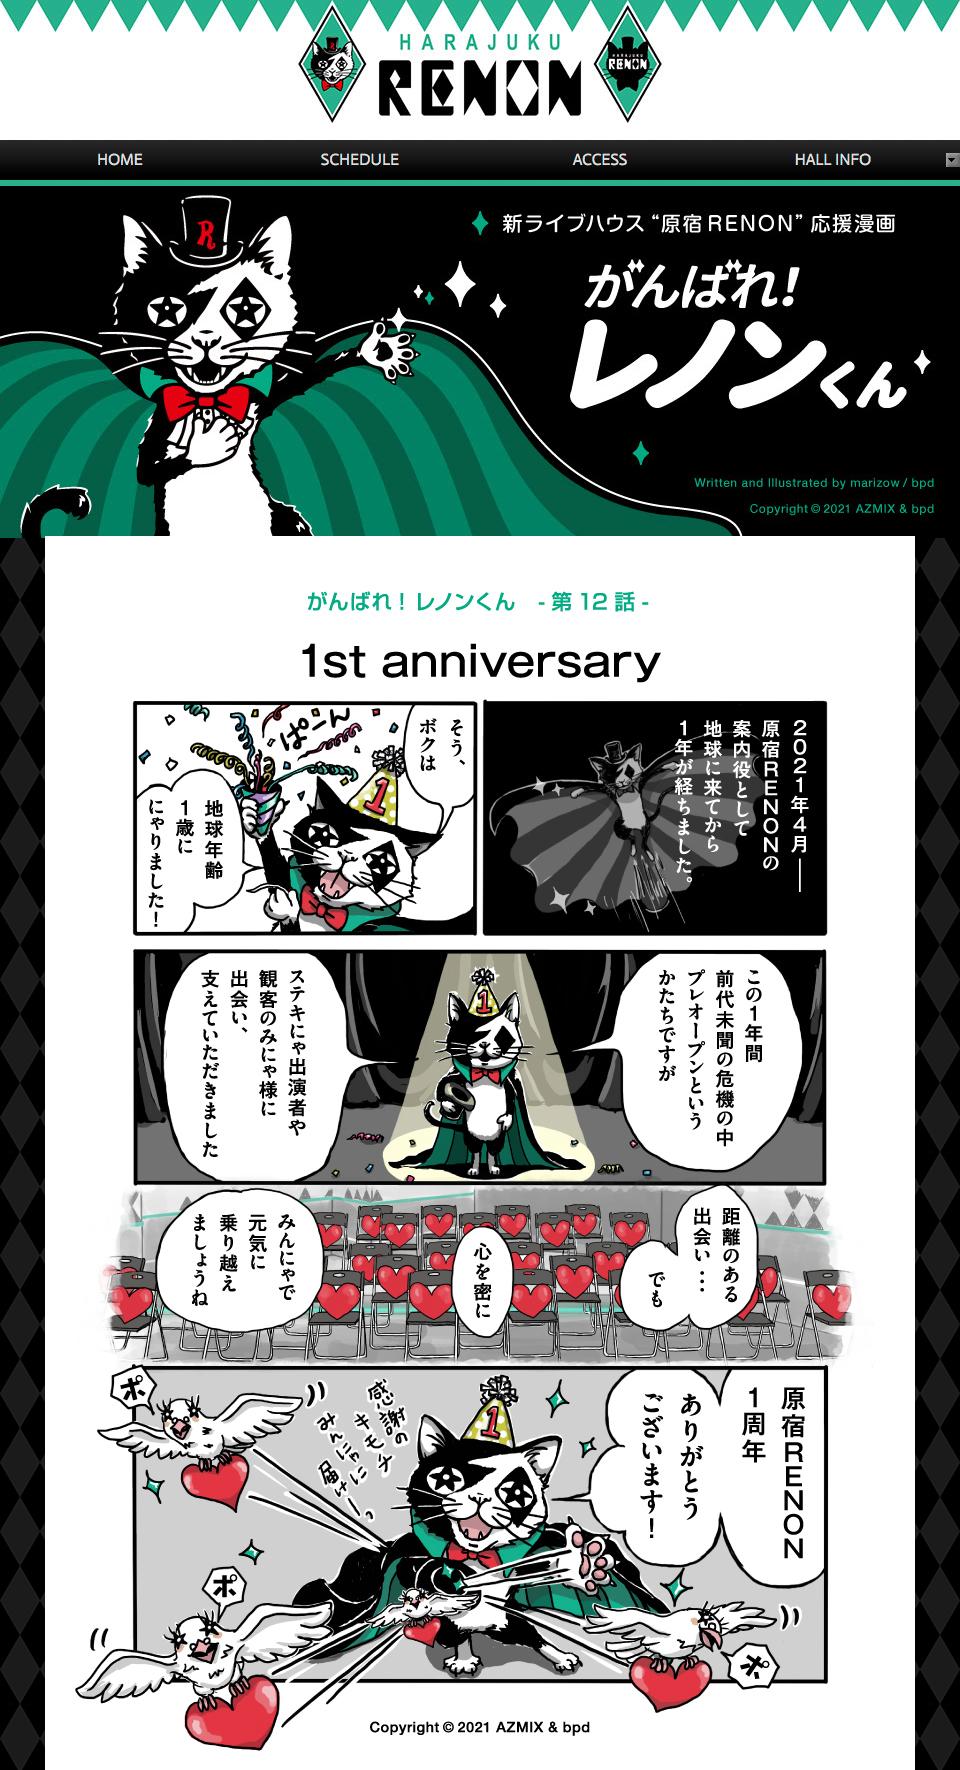 Harajuku Renon Comic